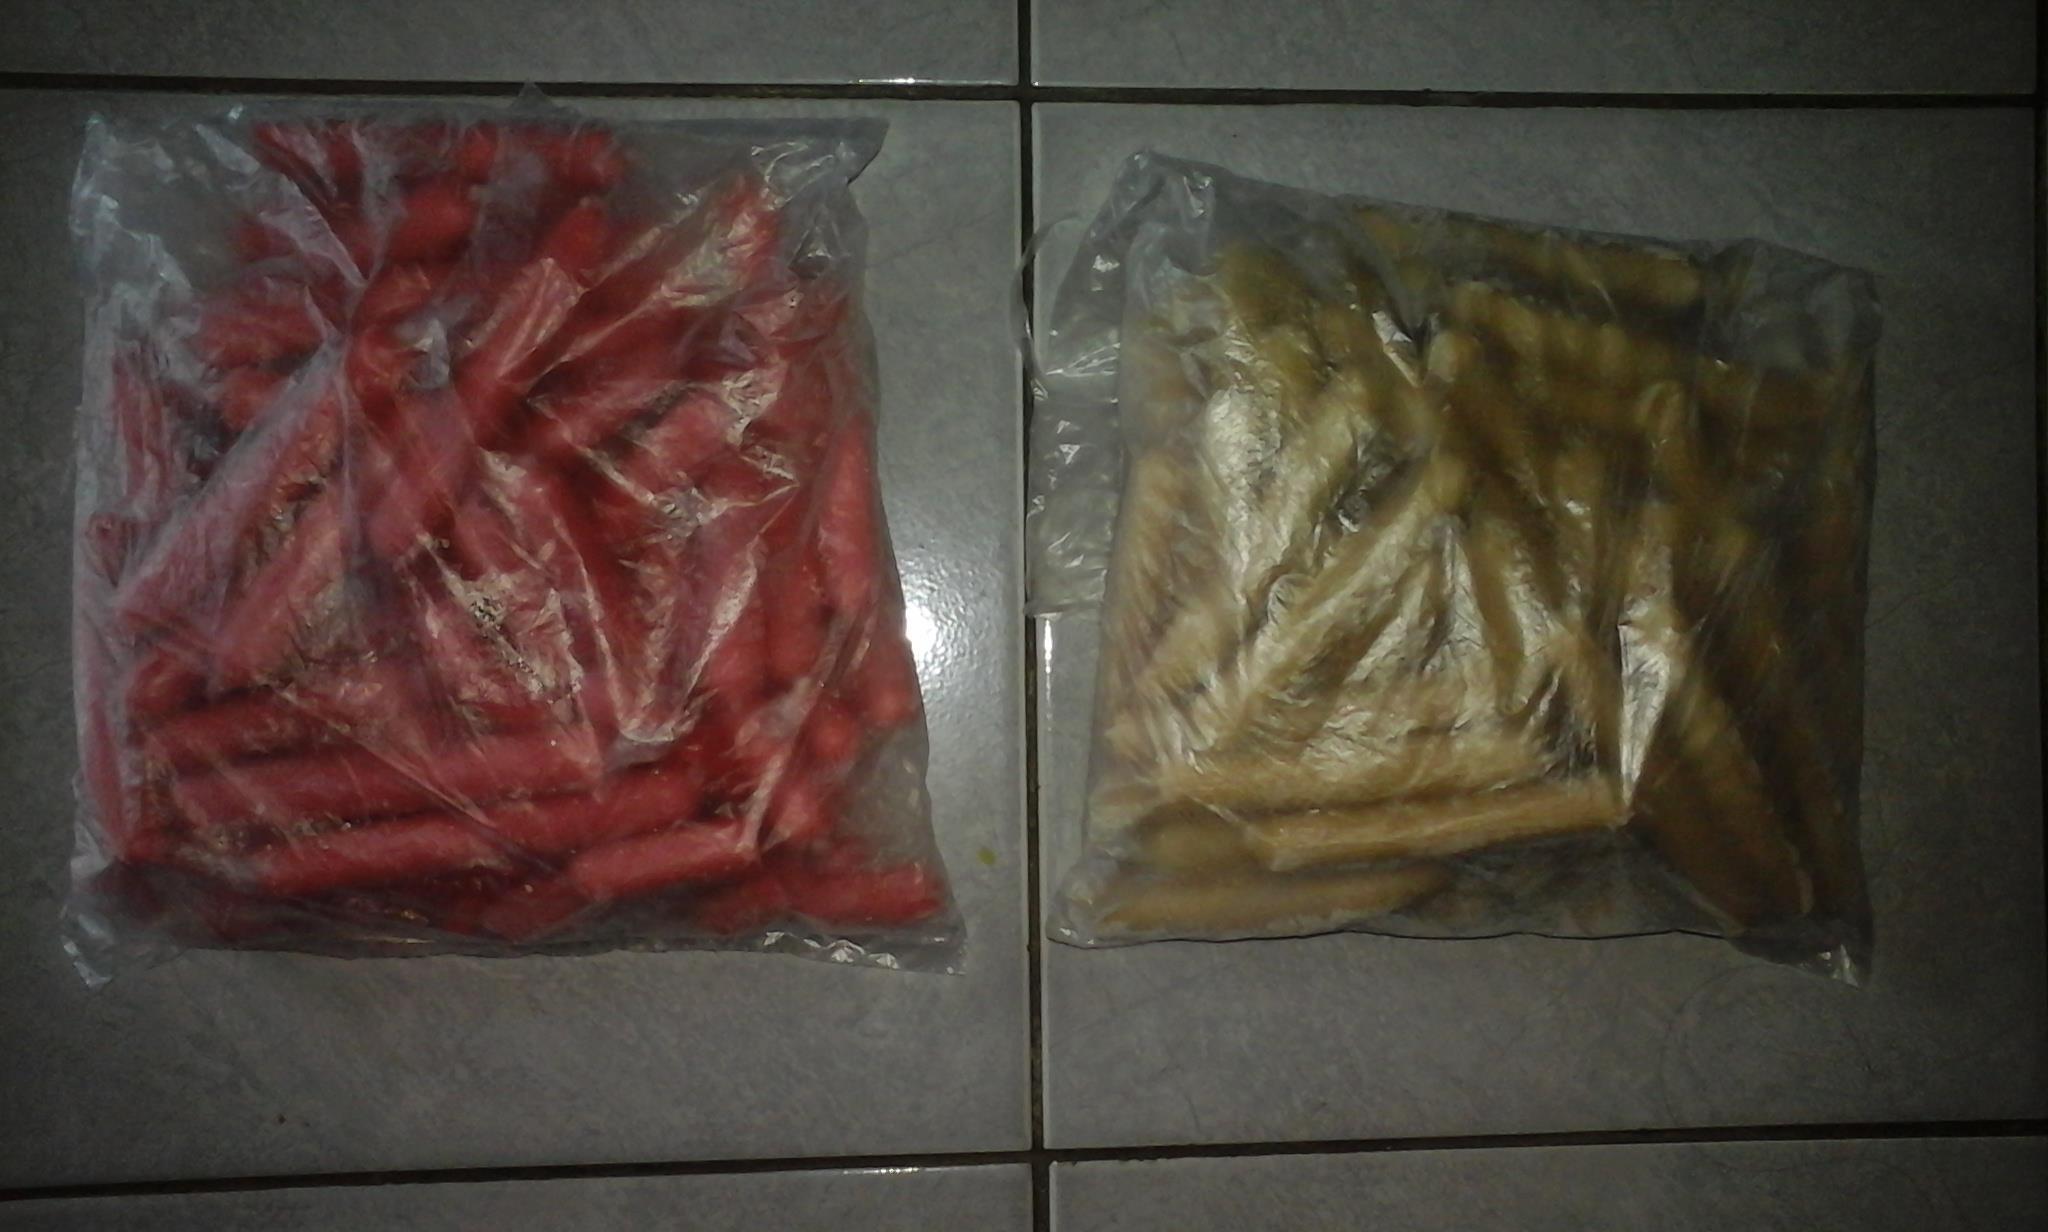 Baba Rafi Sosis Skinless2 Daftar Harga Terbaik Dan Terlengkap Swekiau Babarafi Sell Bulk Beef Sausage From Indonesia By Toko Sae Frozen Foodcheap Price